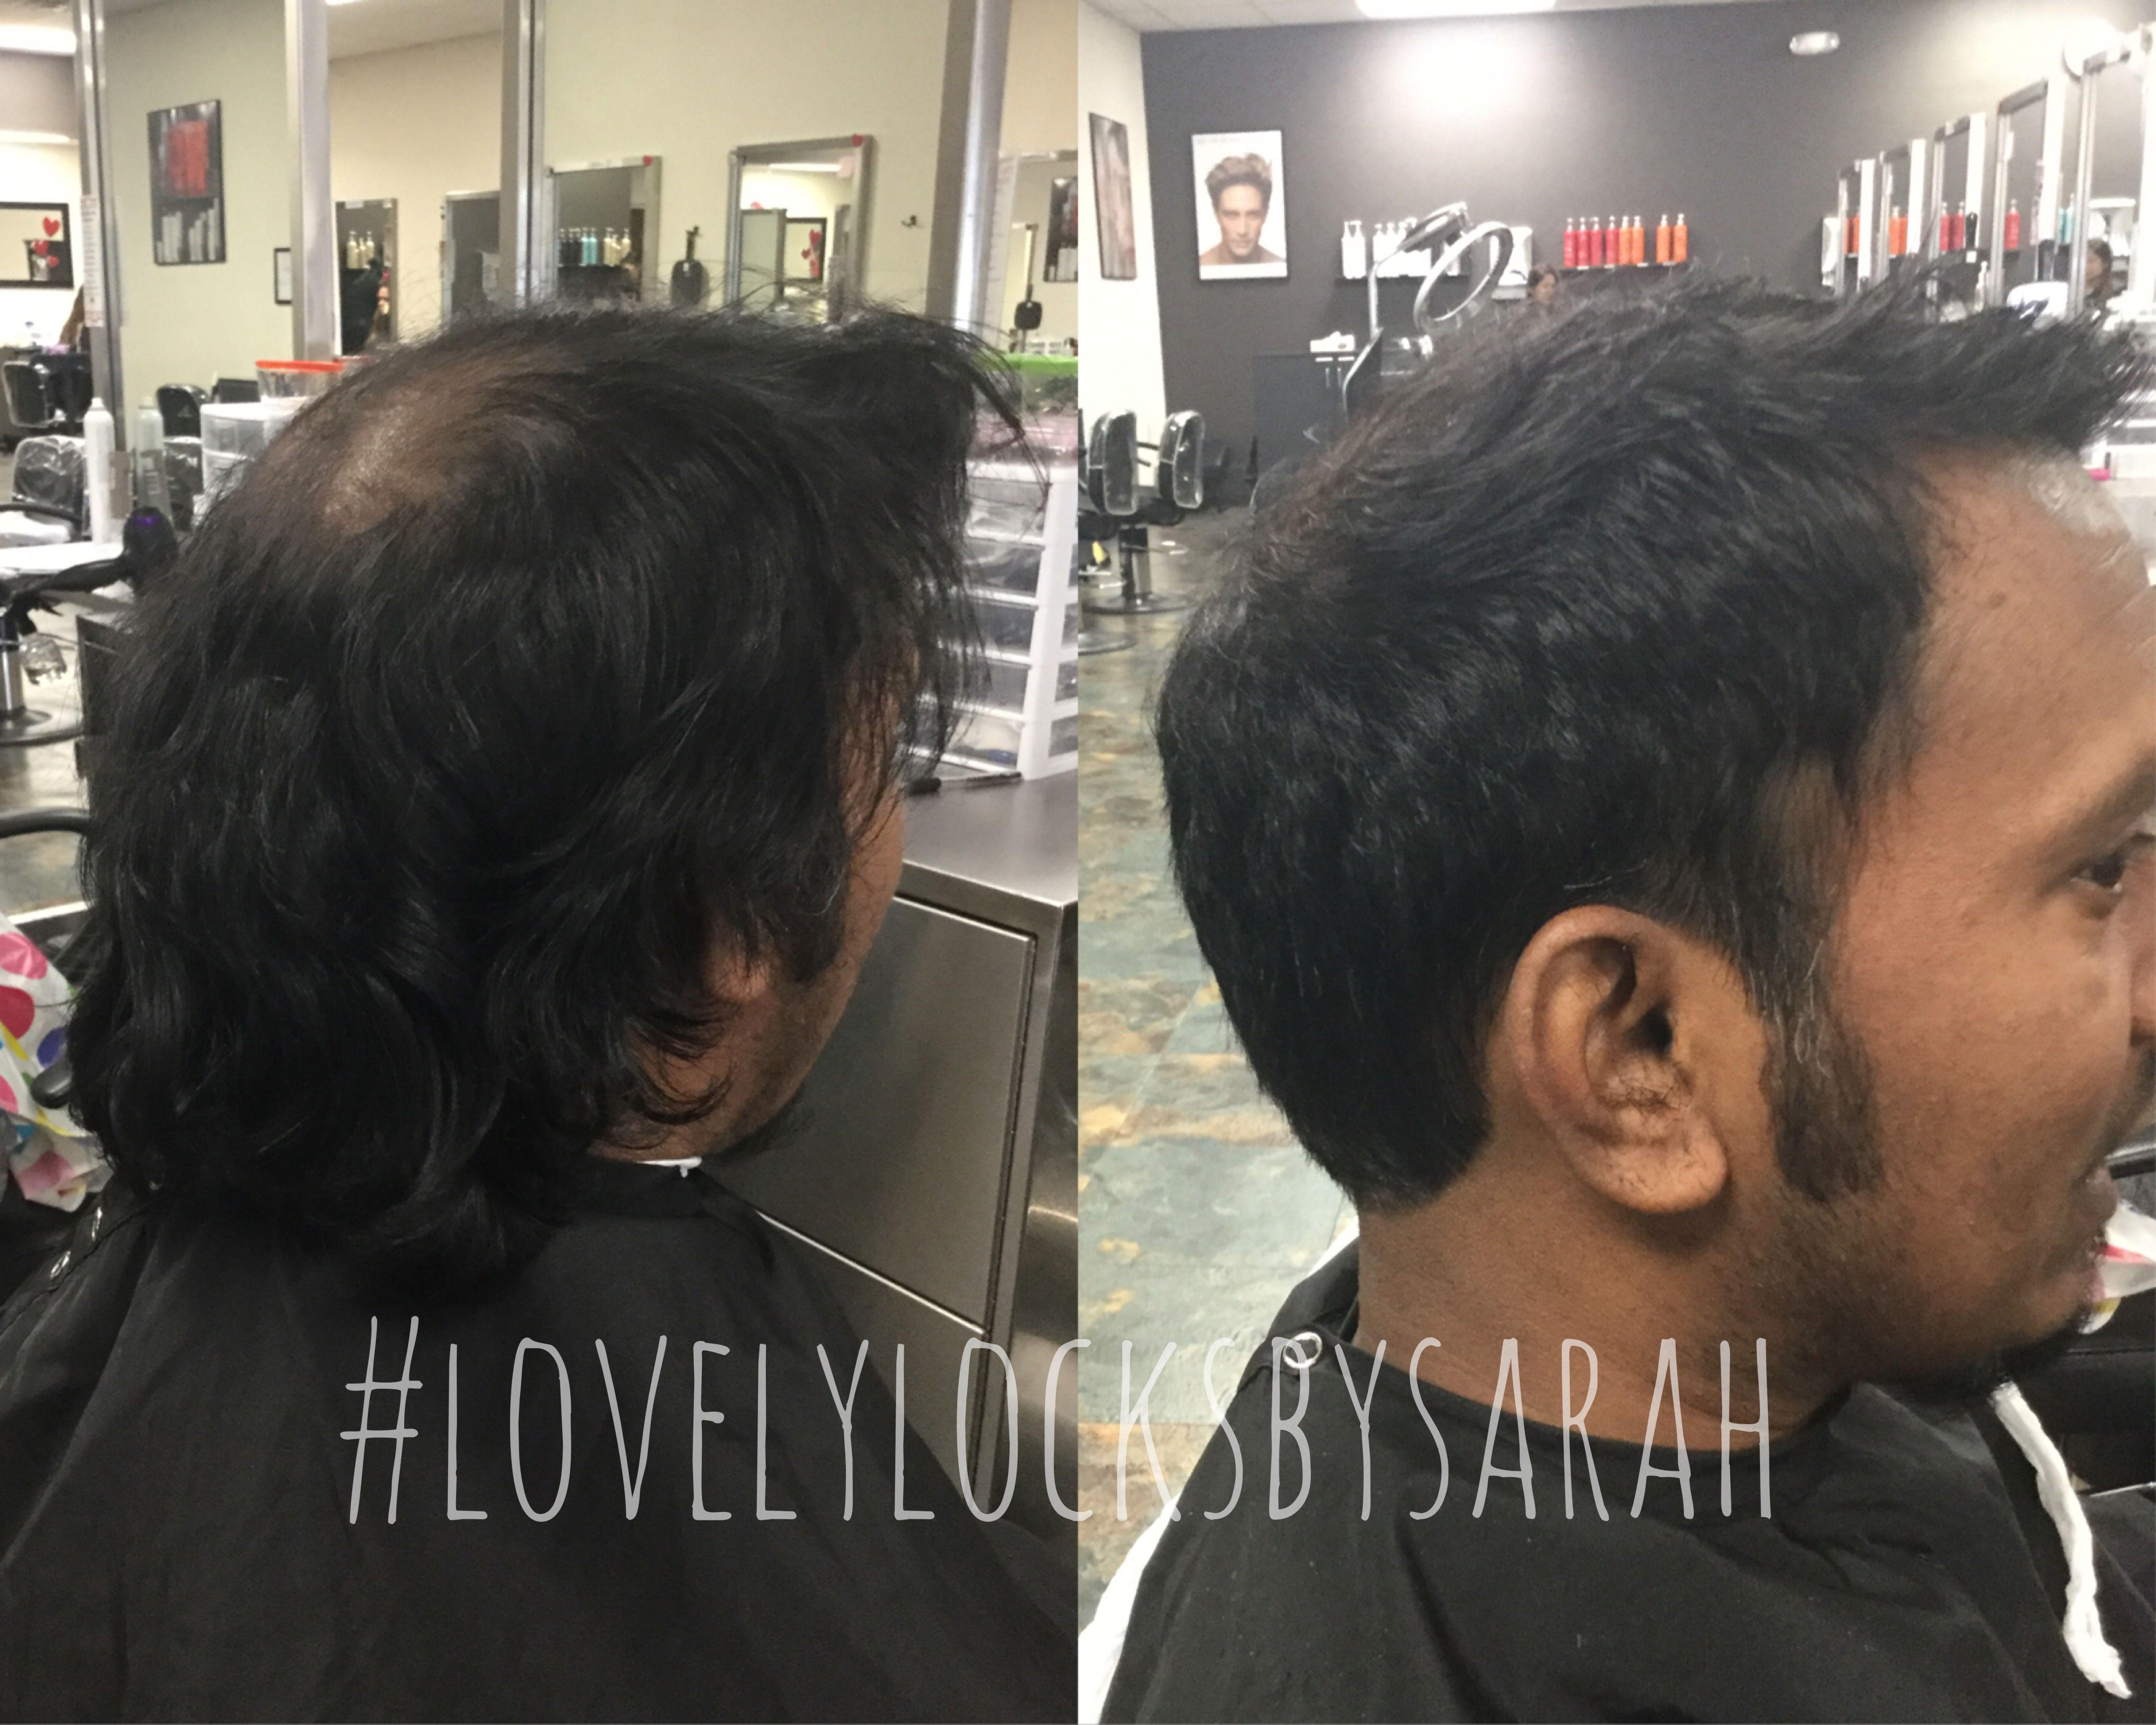 02 11 2017 90 Degree Haircut From Floor W Longer Length On Top Degree Haircut 90 Degree Haircut Haircuts For Men